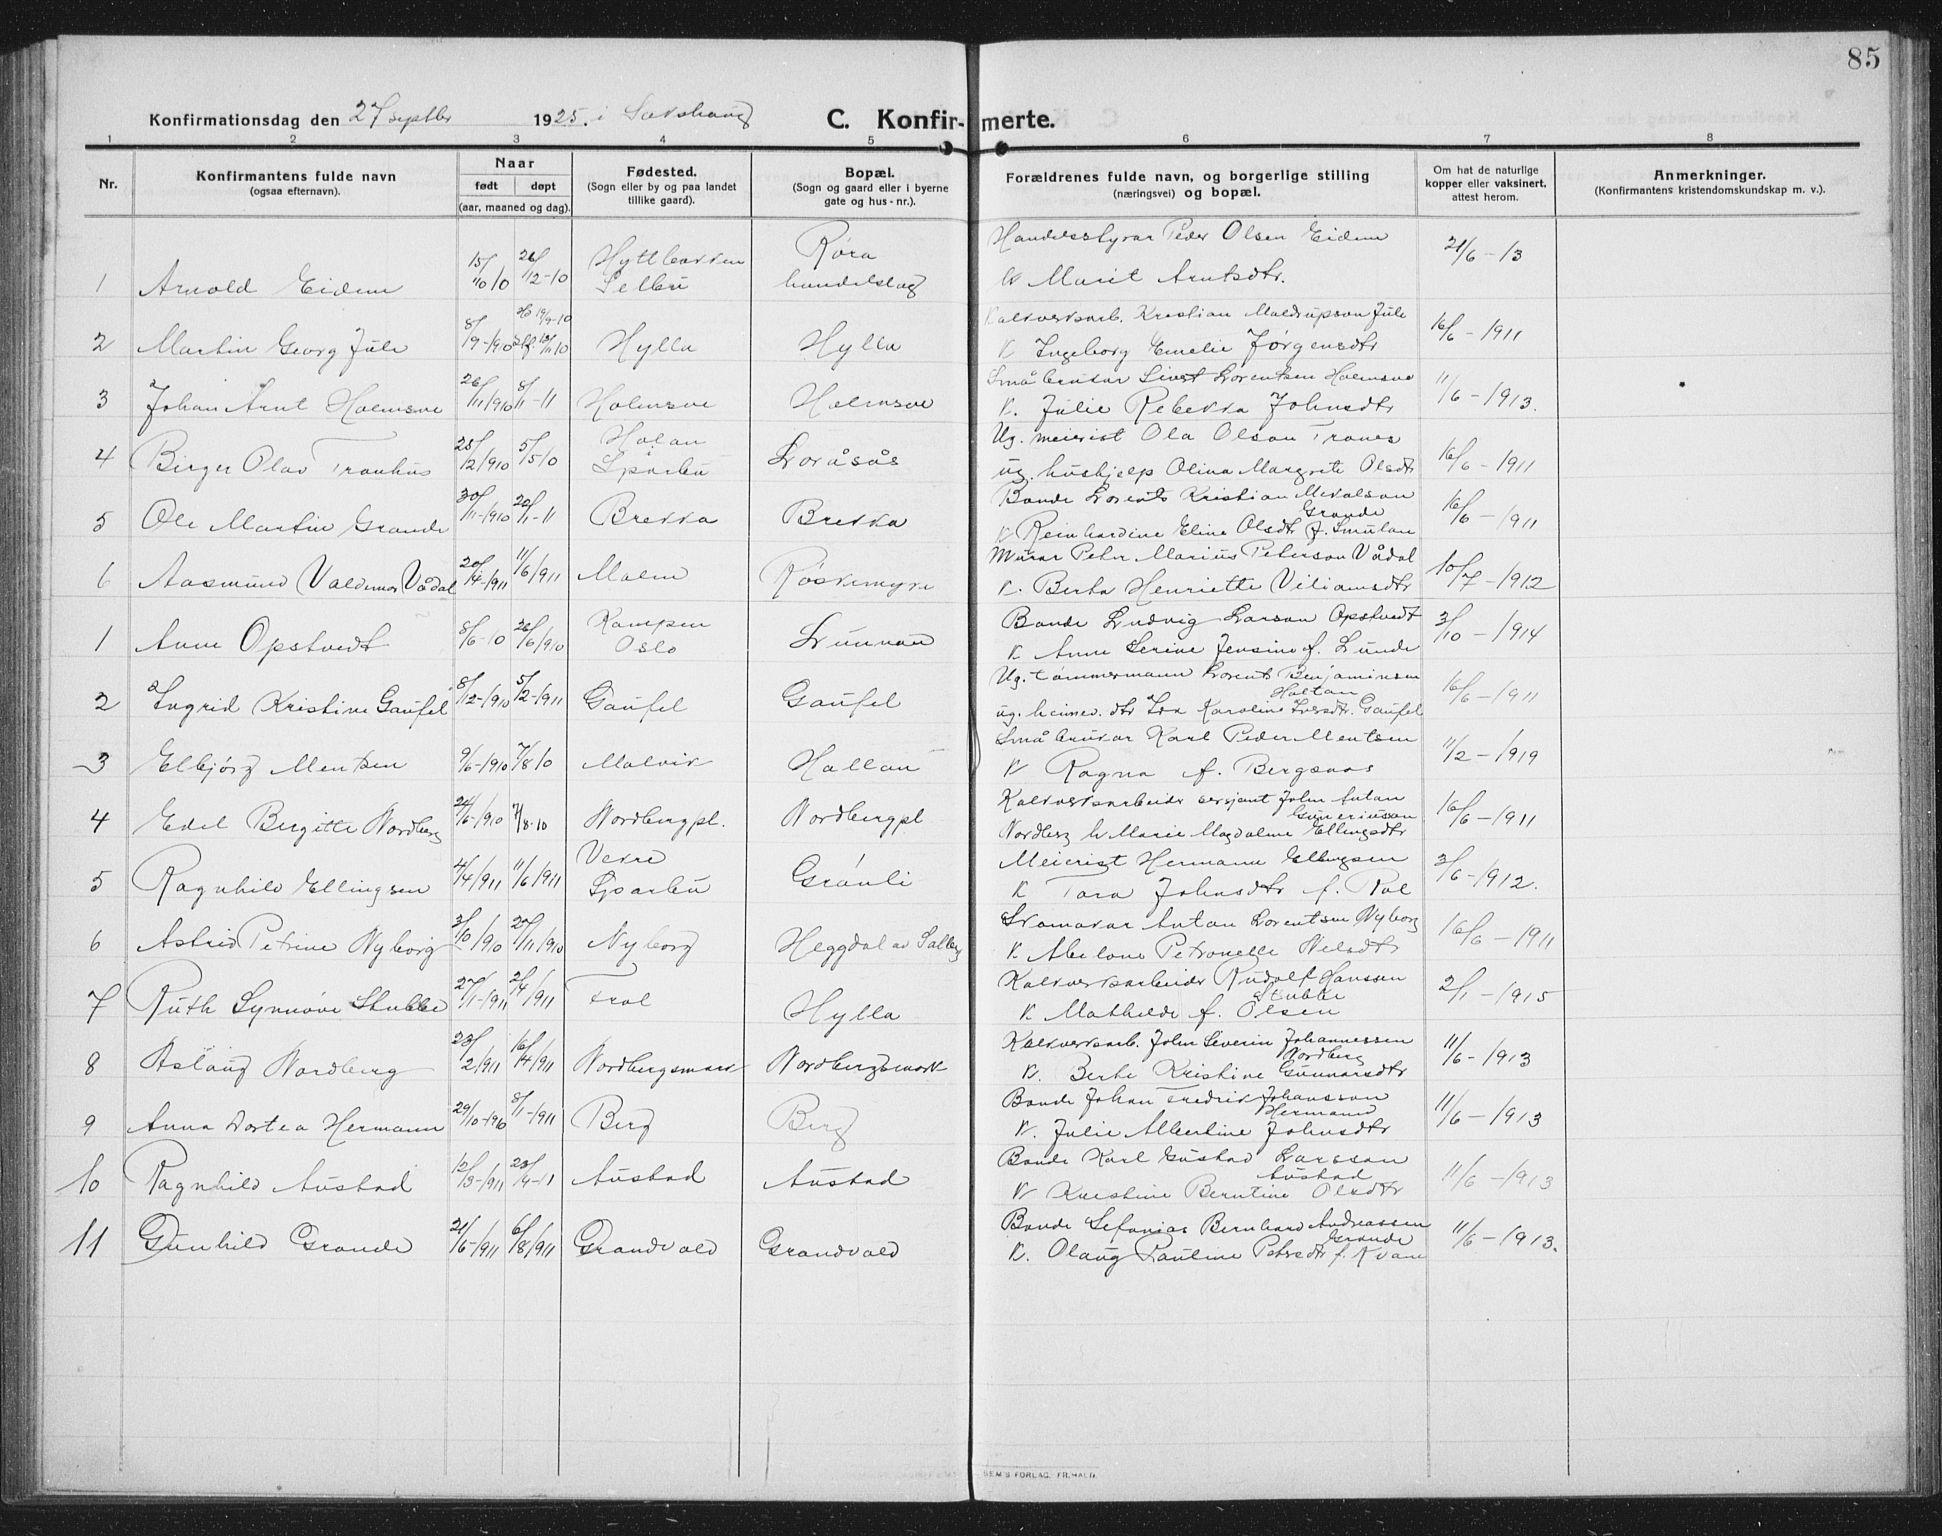 SAT, Ministerialprotokoller, klokkerbøker og fødselsregistre - Nord-Trøndelag, 731/L0312: Klokkerbok nr. 731C03, 1911-1935, s. 85